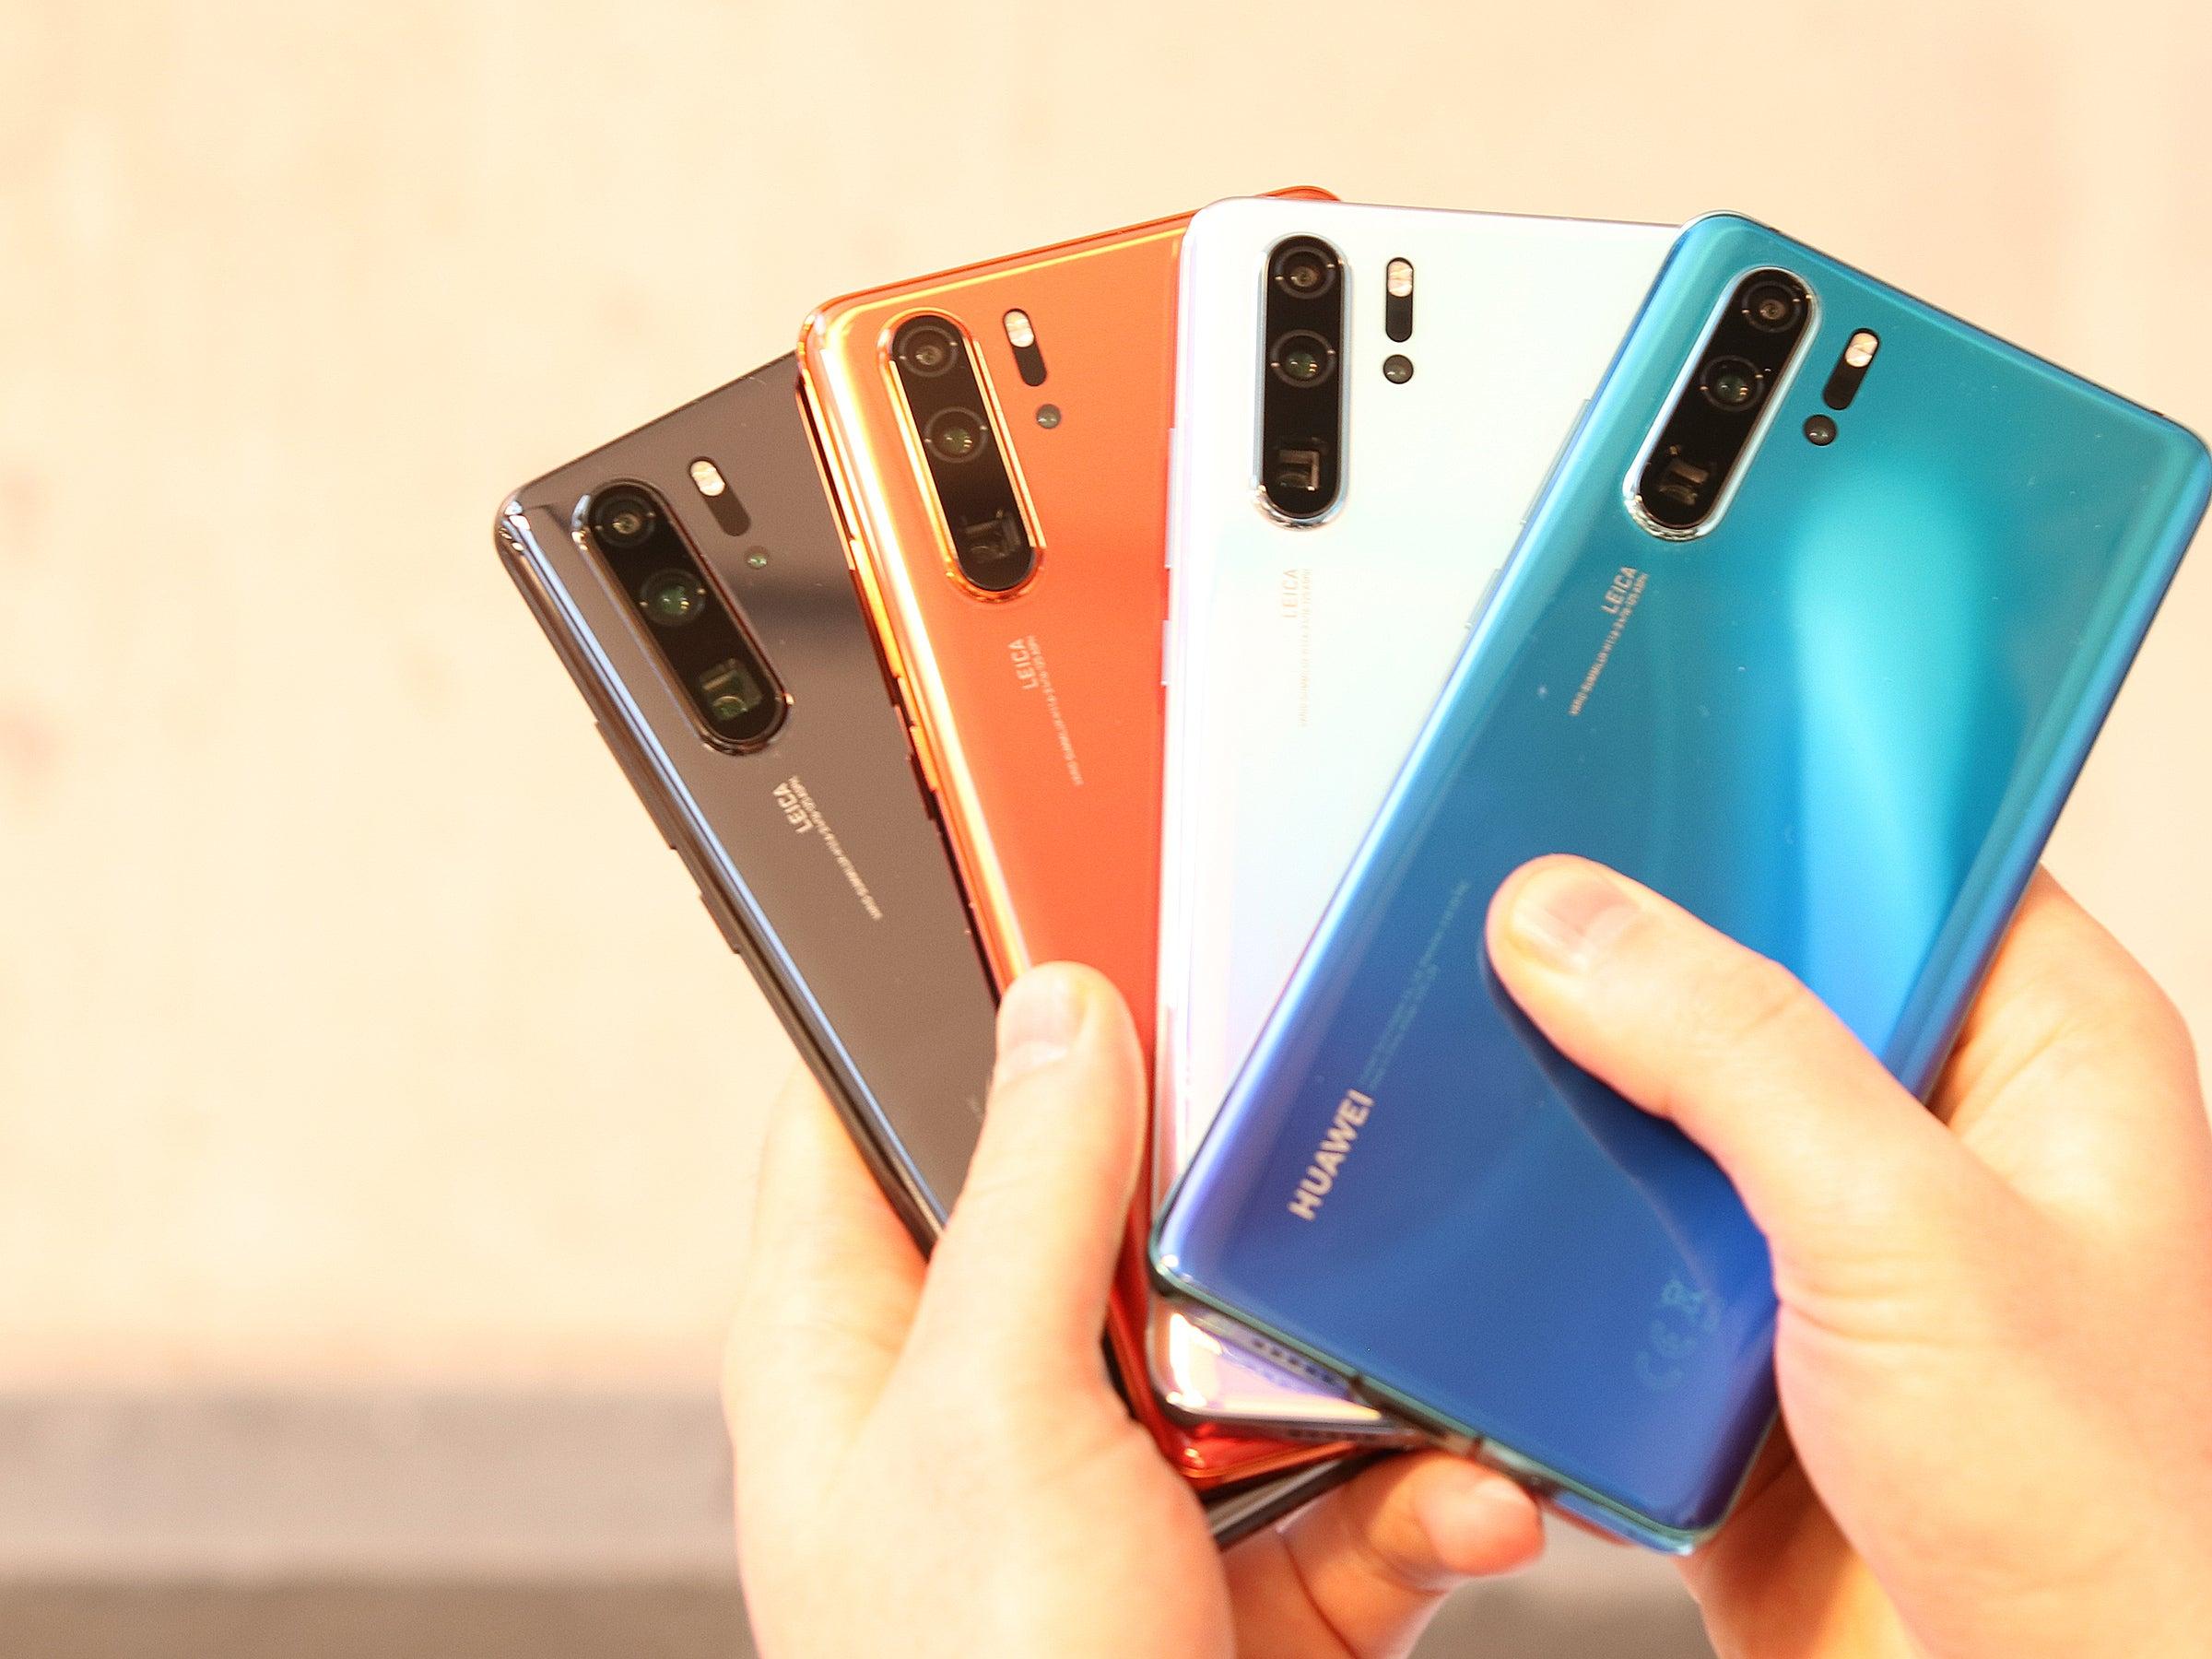 Alle Farbversionen des Huawei P30 Pro in der Hand.